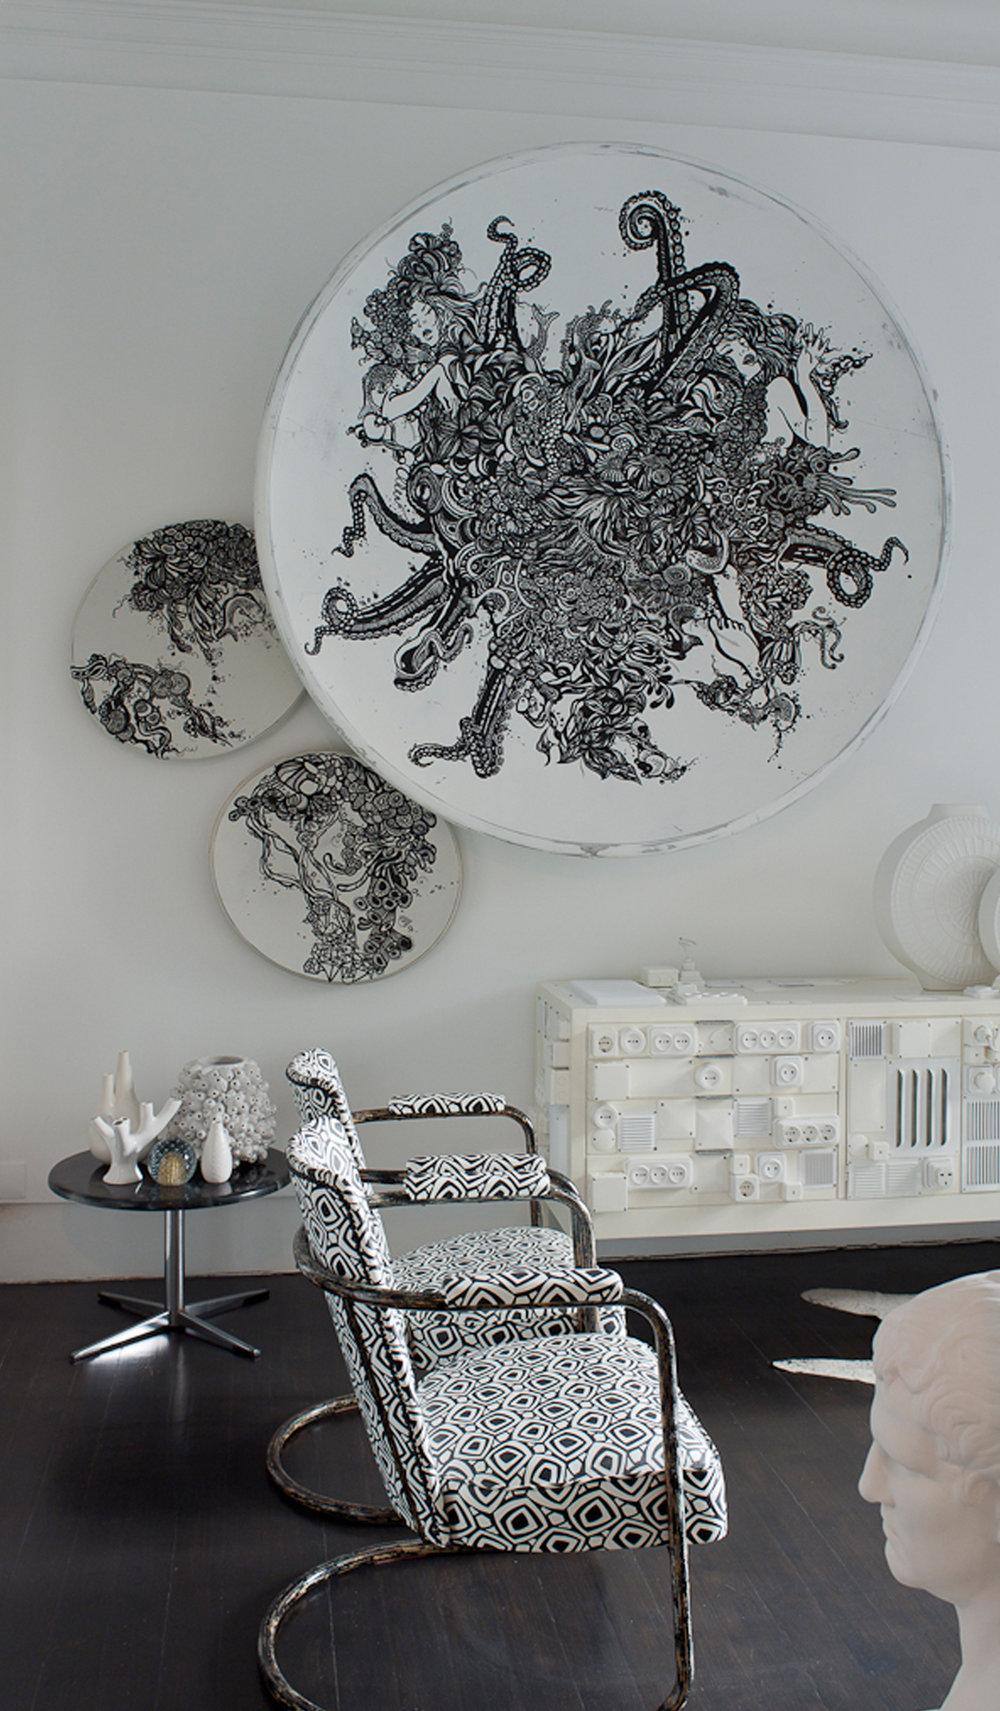 Oficina Marques interior design 1 (29).jpg